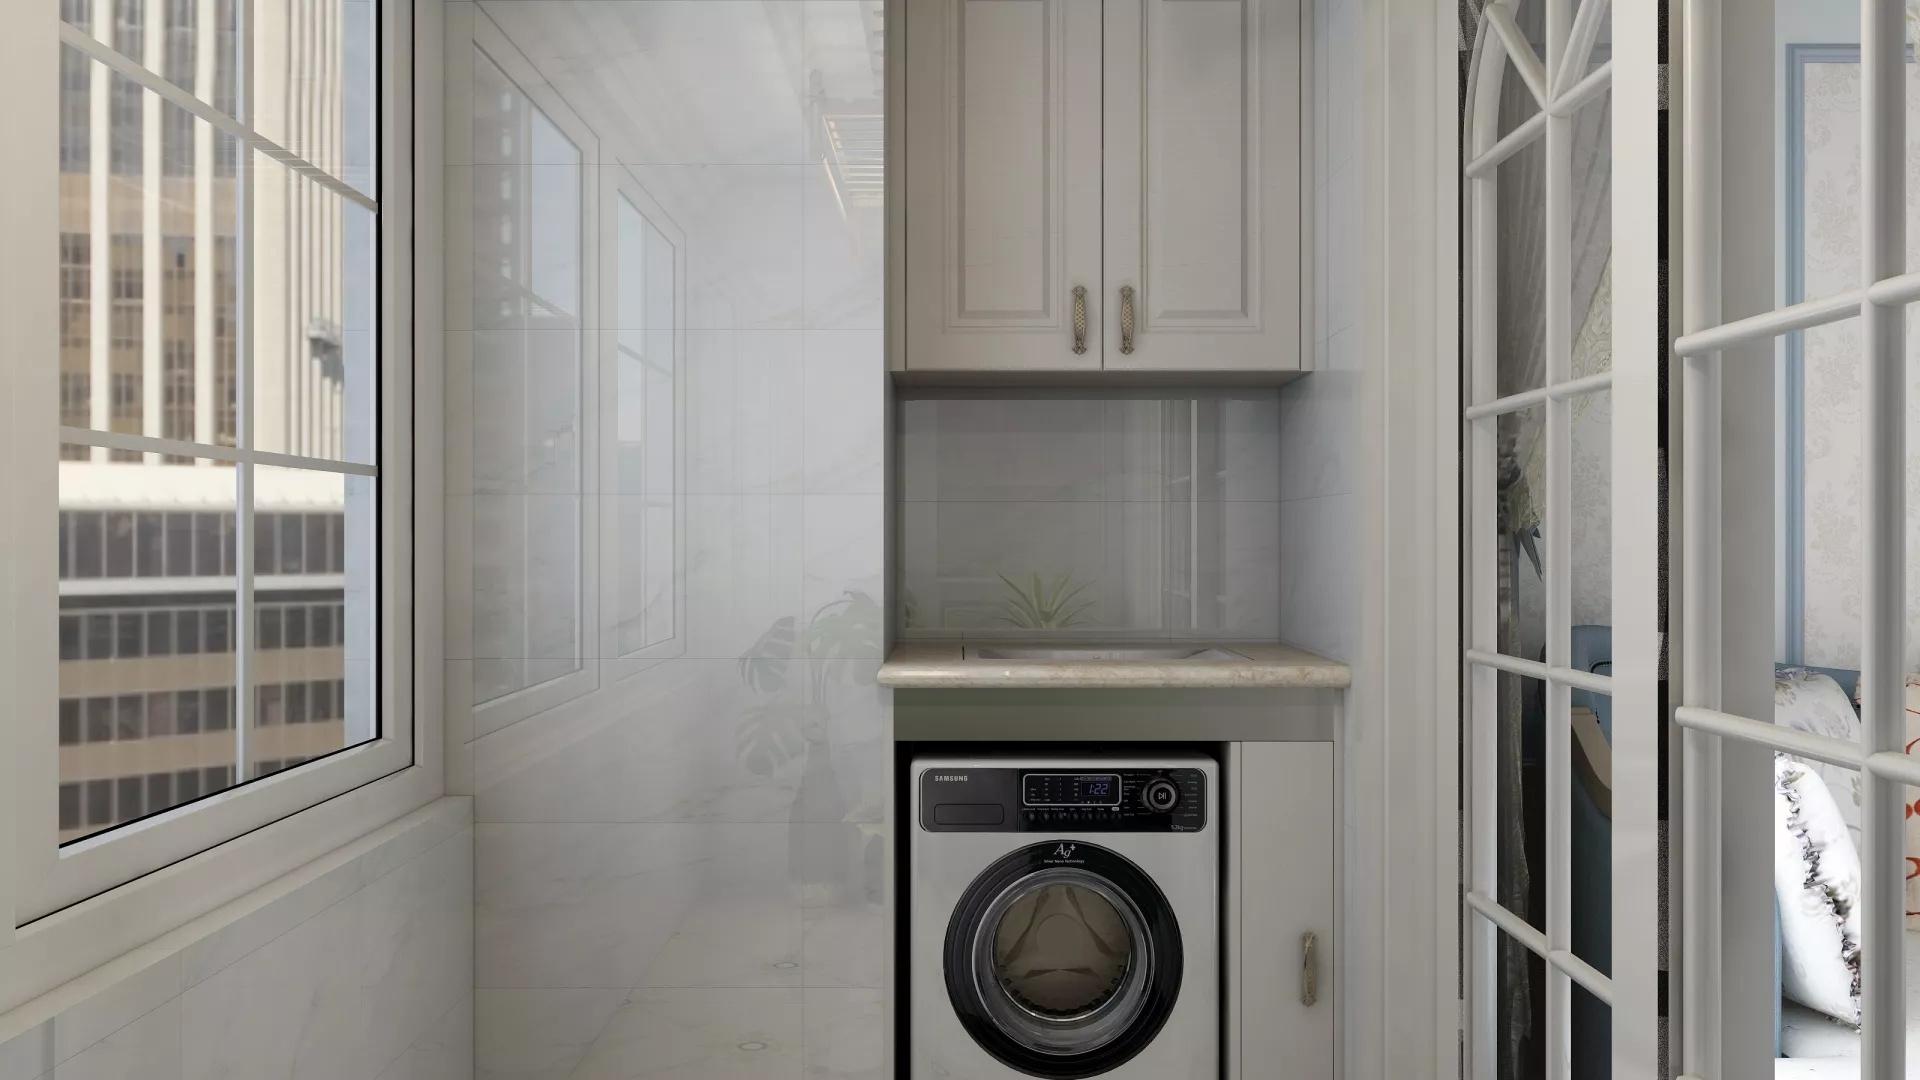 冬季进行家装的利弊 冬季家装的常见问题